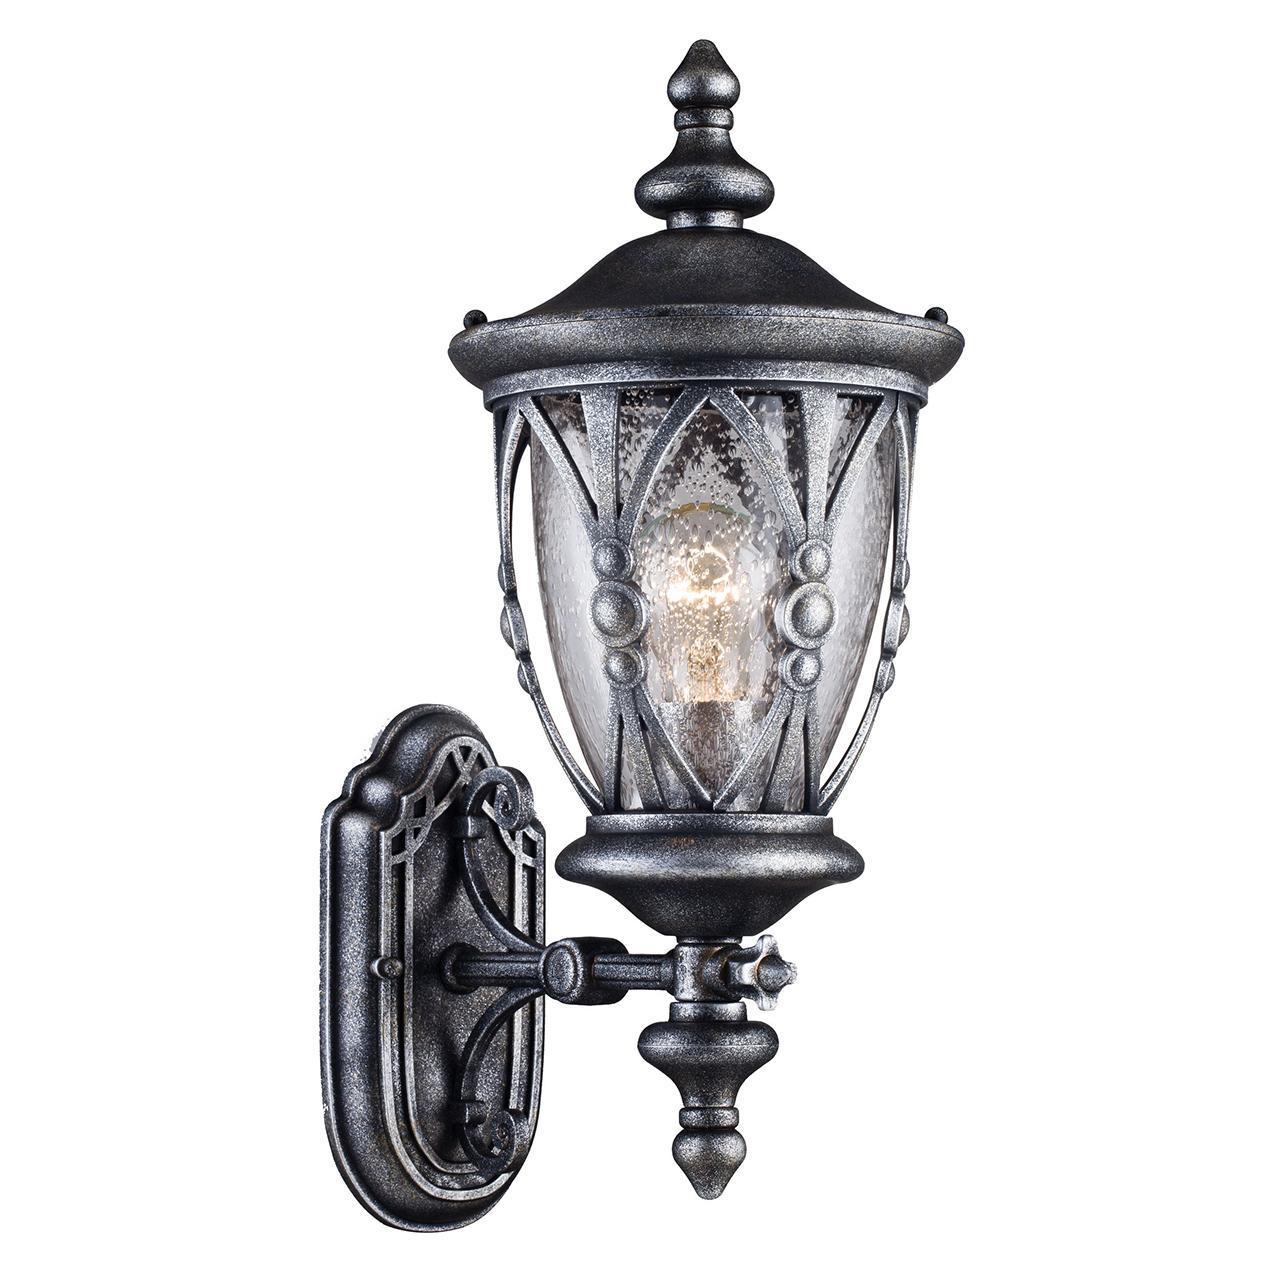 Уличный настенный светильник Maytoni Rua Augusta S103-47-01-B 1gc14210 1gc1 4210 ssop16